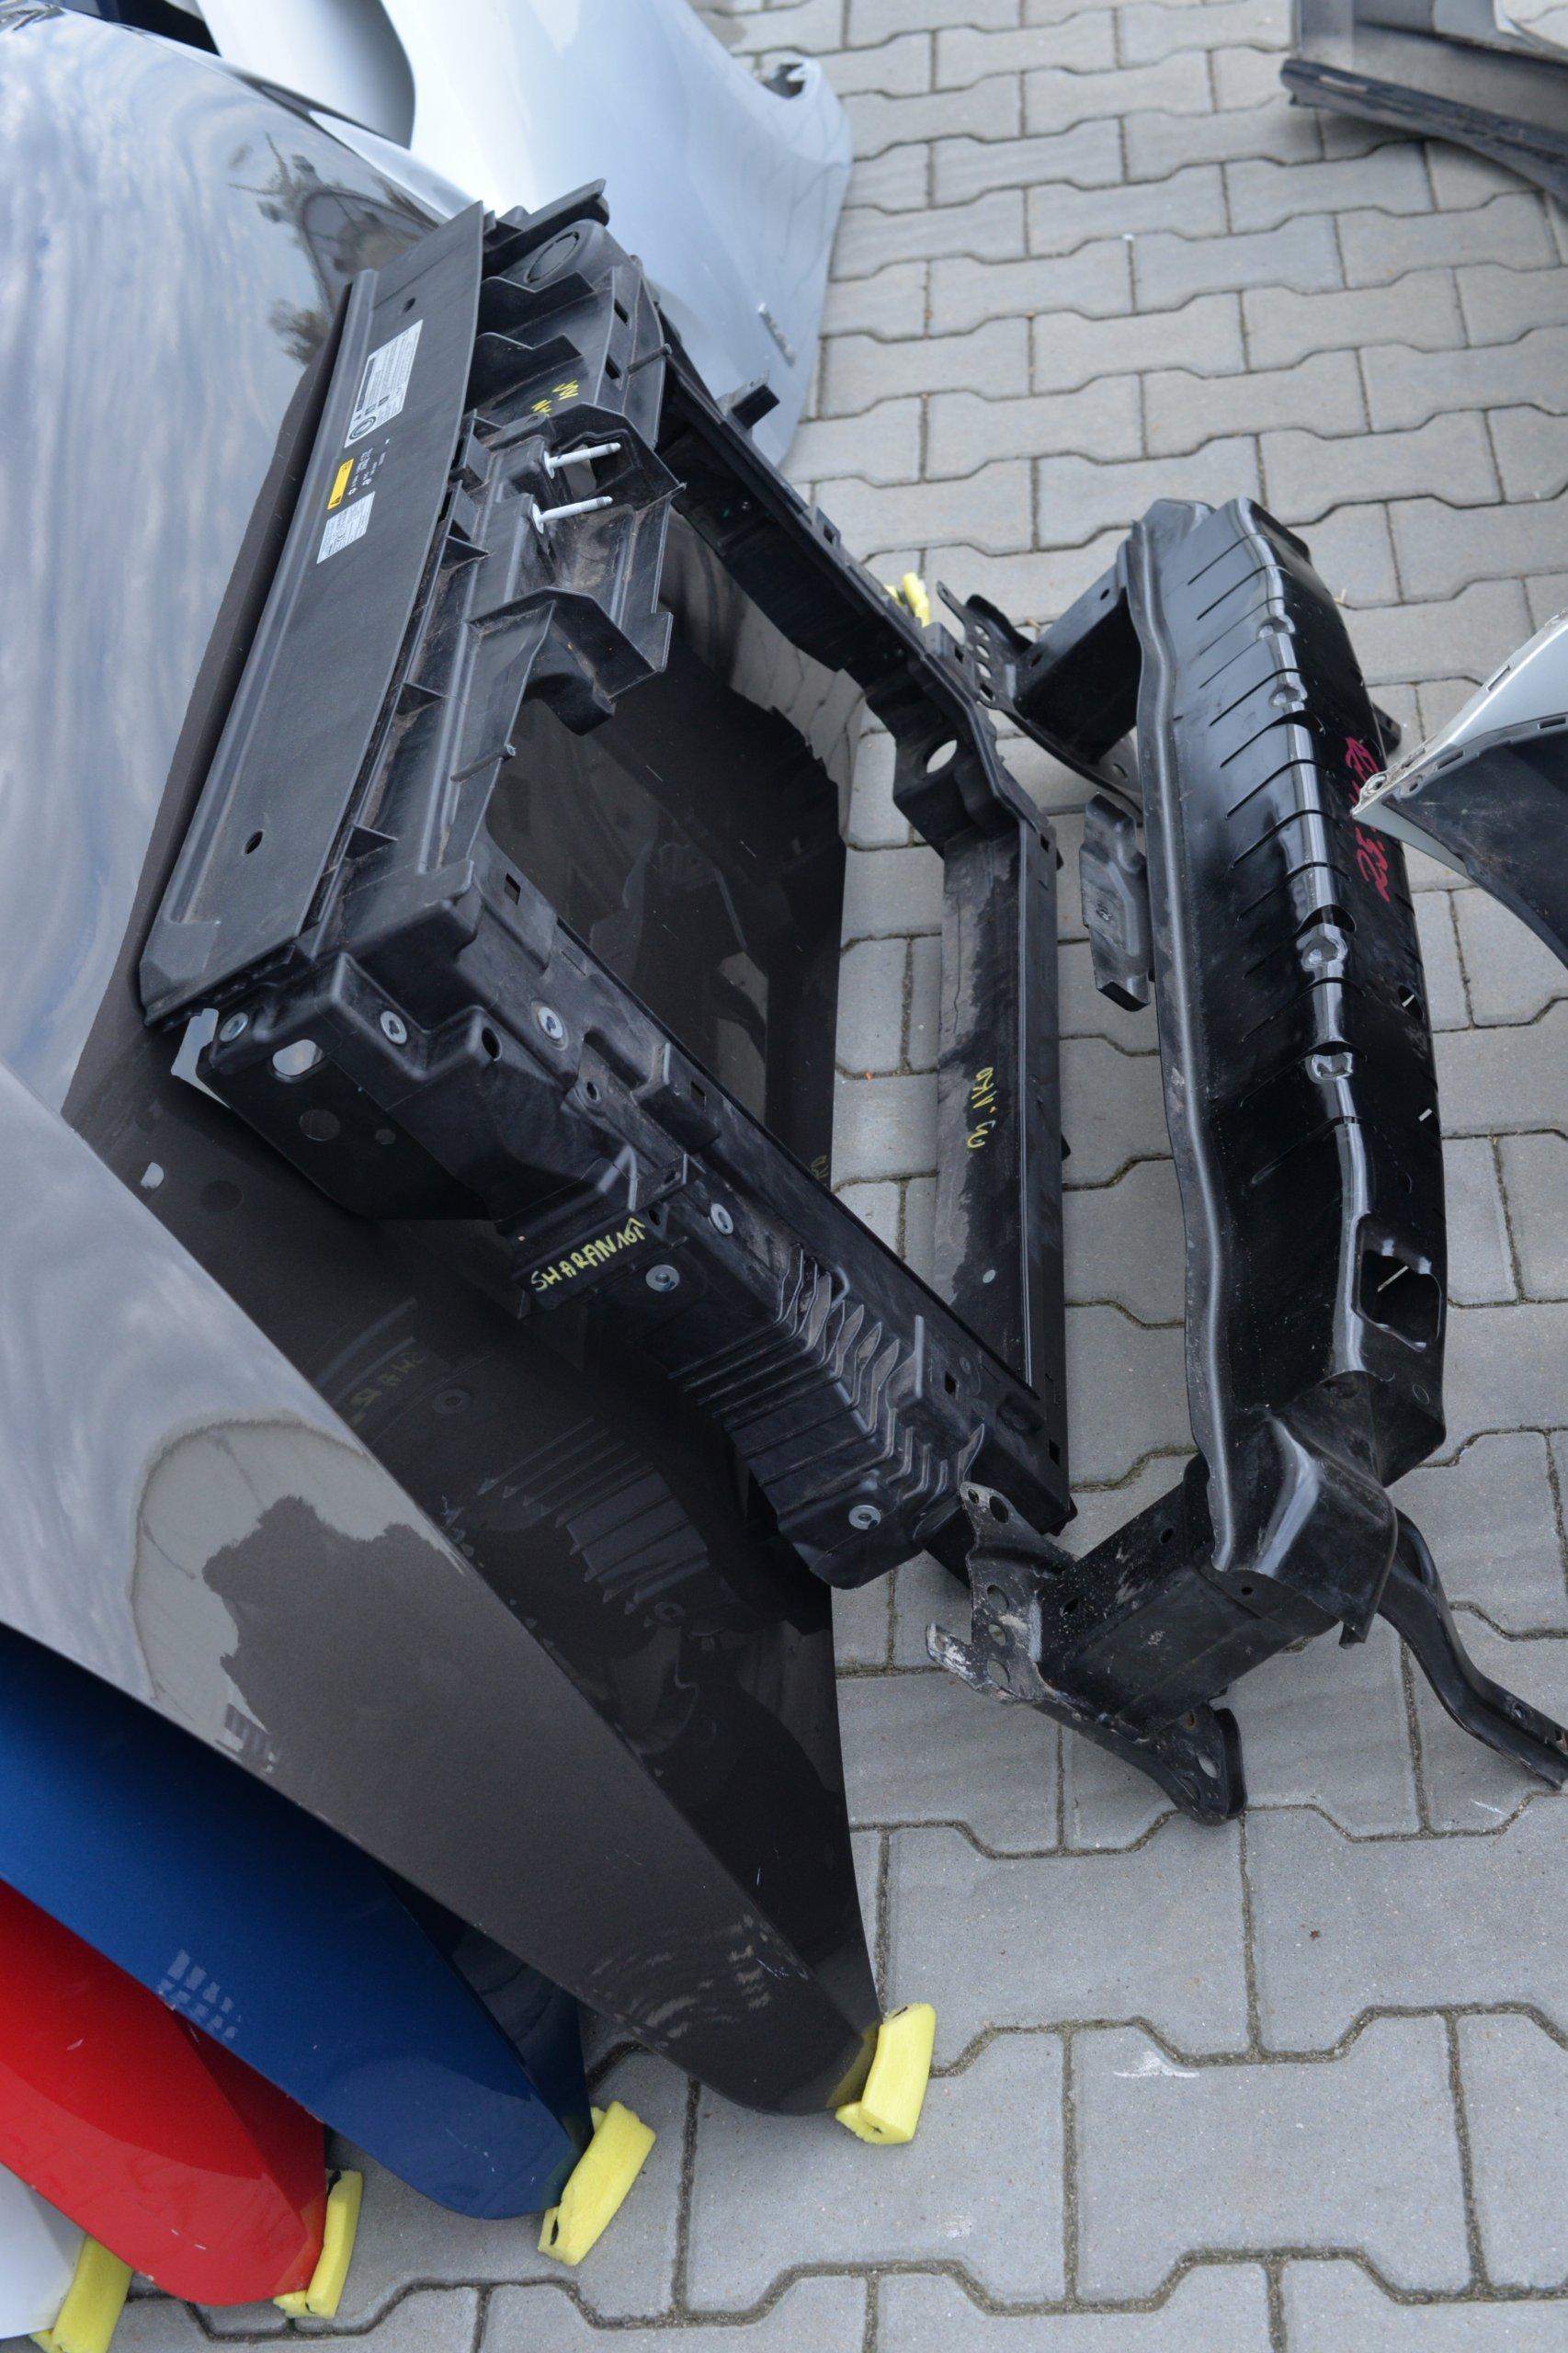 [КАПОТ ZDERZAK КРЫЛО REFLEKTOR SEAT ALHAMBRA 10- из Польши]изображение 8